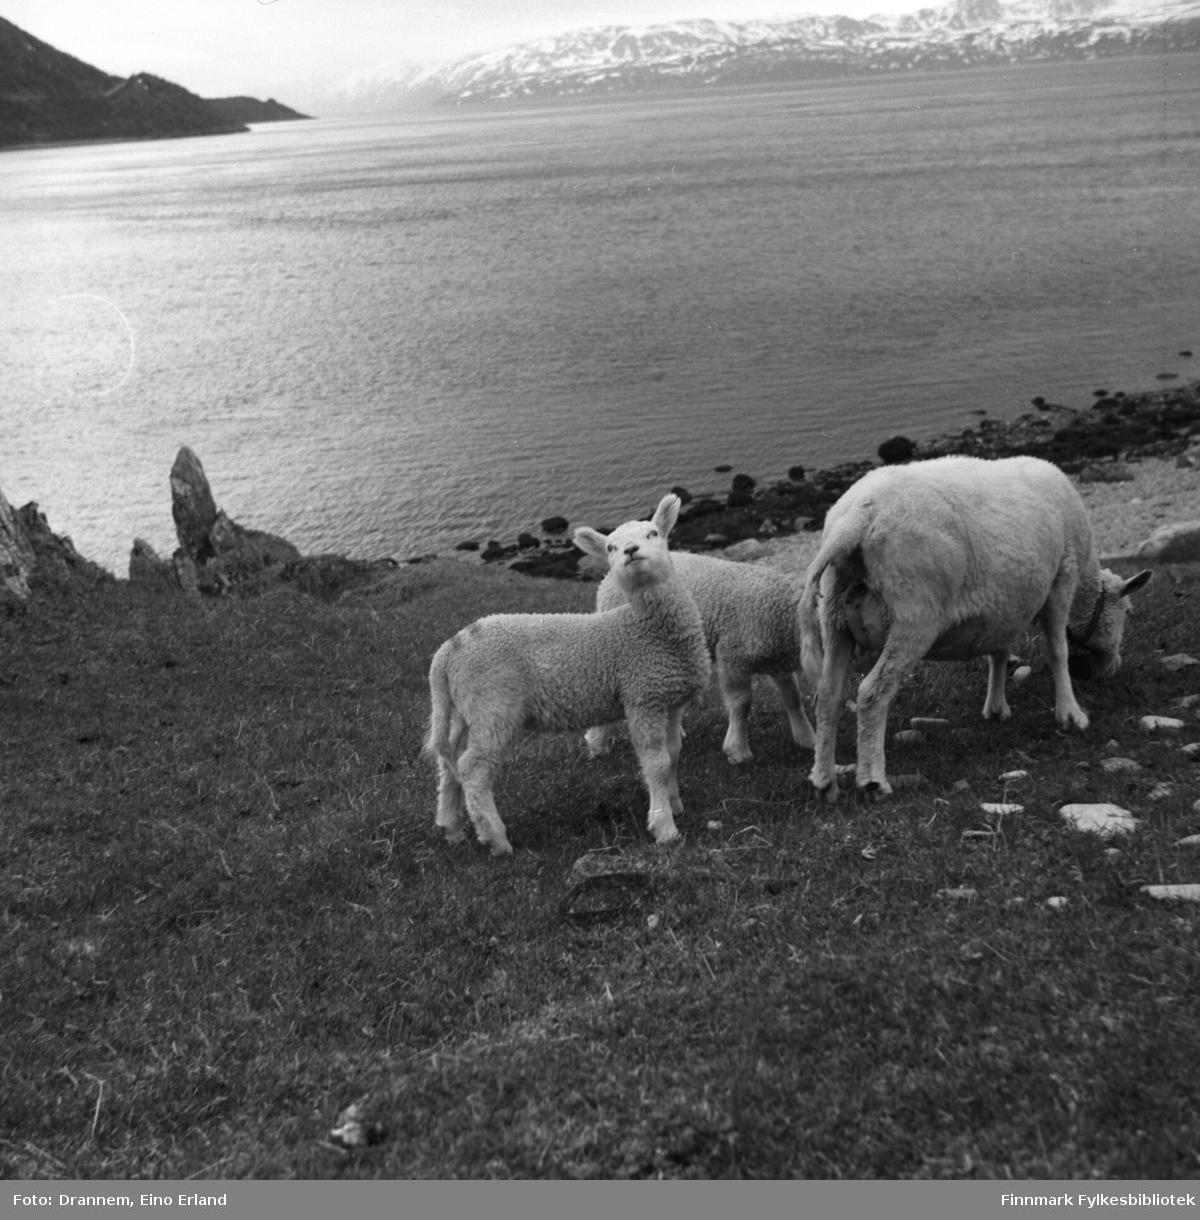 Noen sauer beiter i strandkanten nær fjæra. Stedet er ukjent, men kan være i nærheten av Kvalsund.